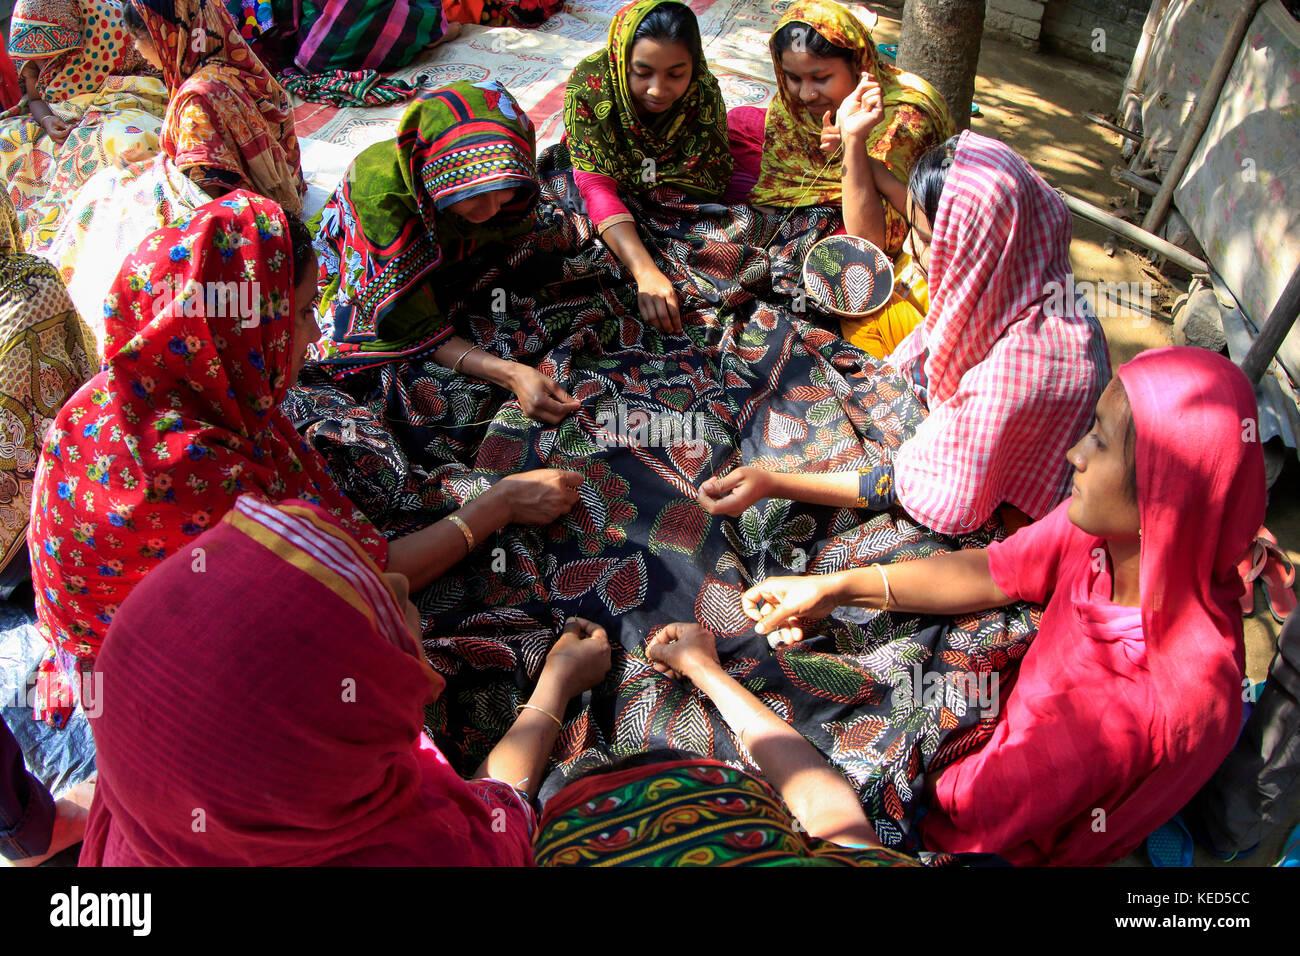 Katha Stock Photos & Katha Stock Images - Alamy